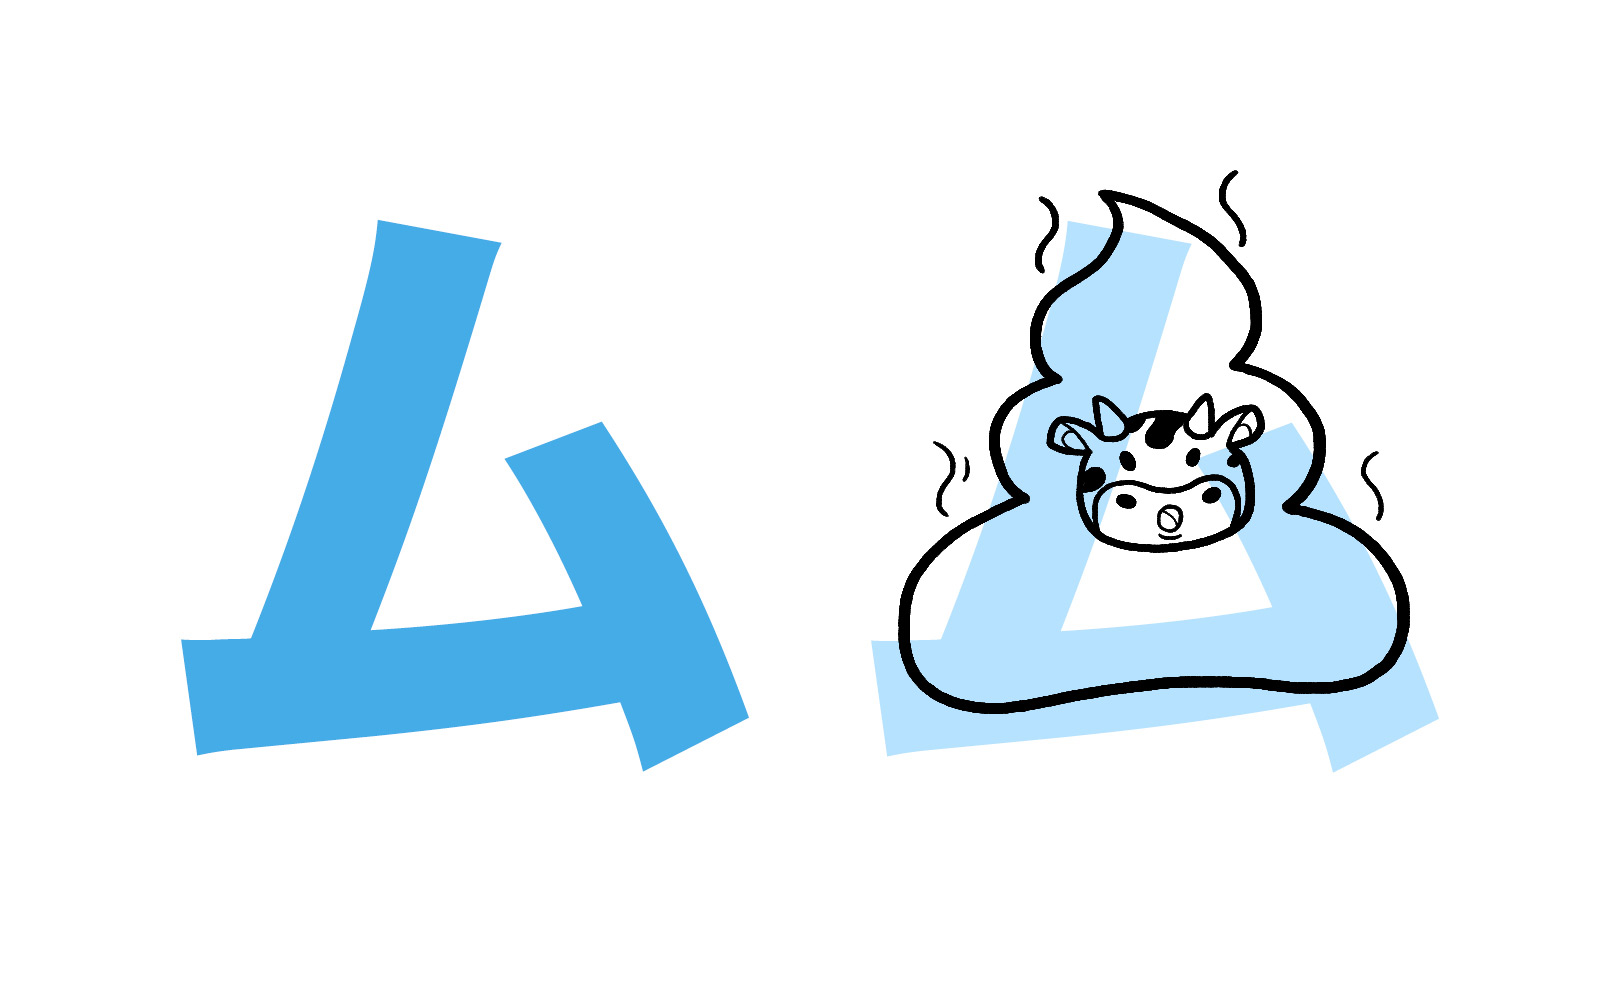 Katakana character ム mnemonic